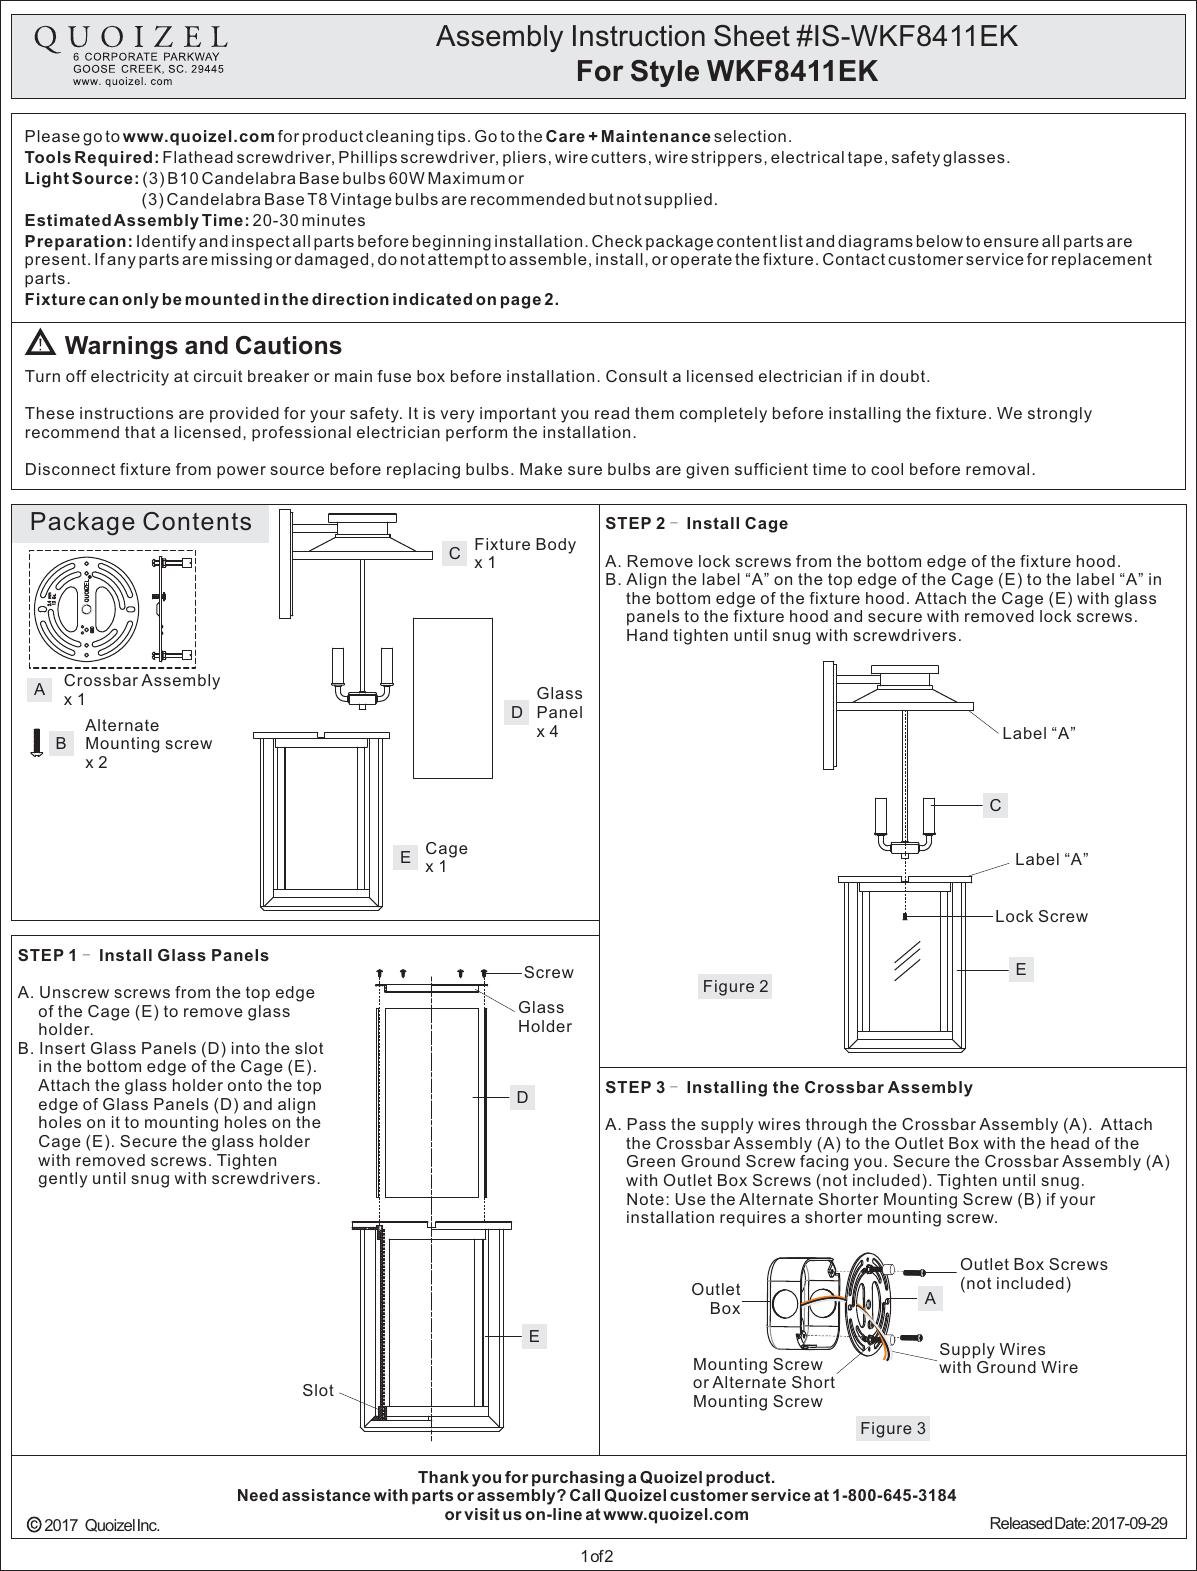 Is Wkf8411ek 9 X1 Fuse Box